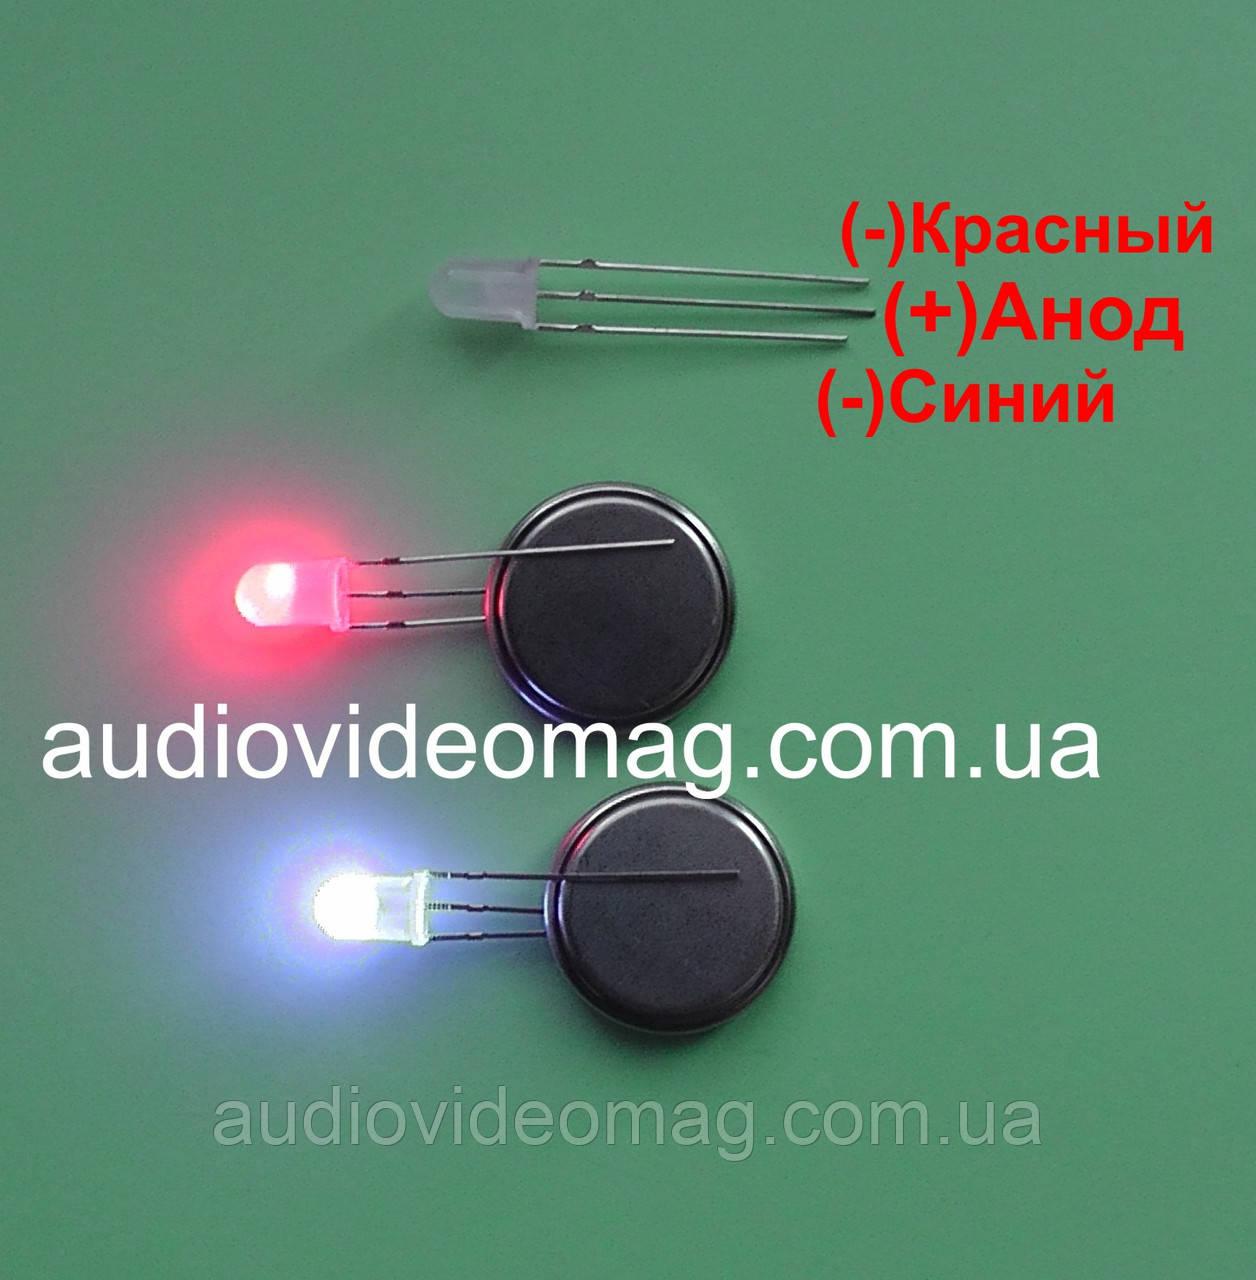 Світлодіод 3V 5 мм з загальним АНОДОМ, двоколірний, червоний і синій